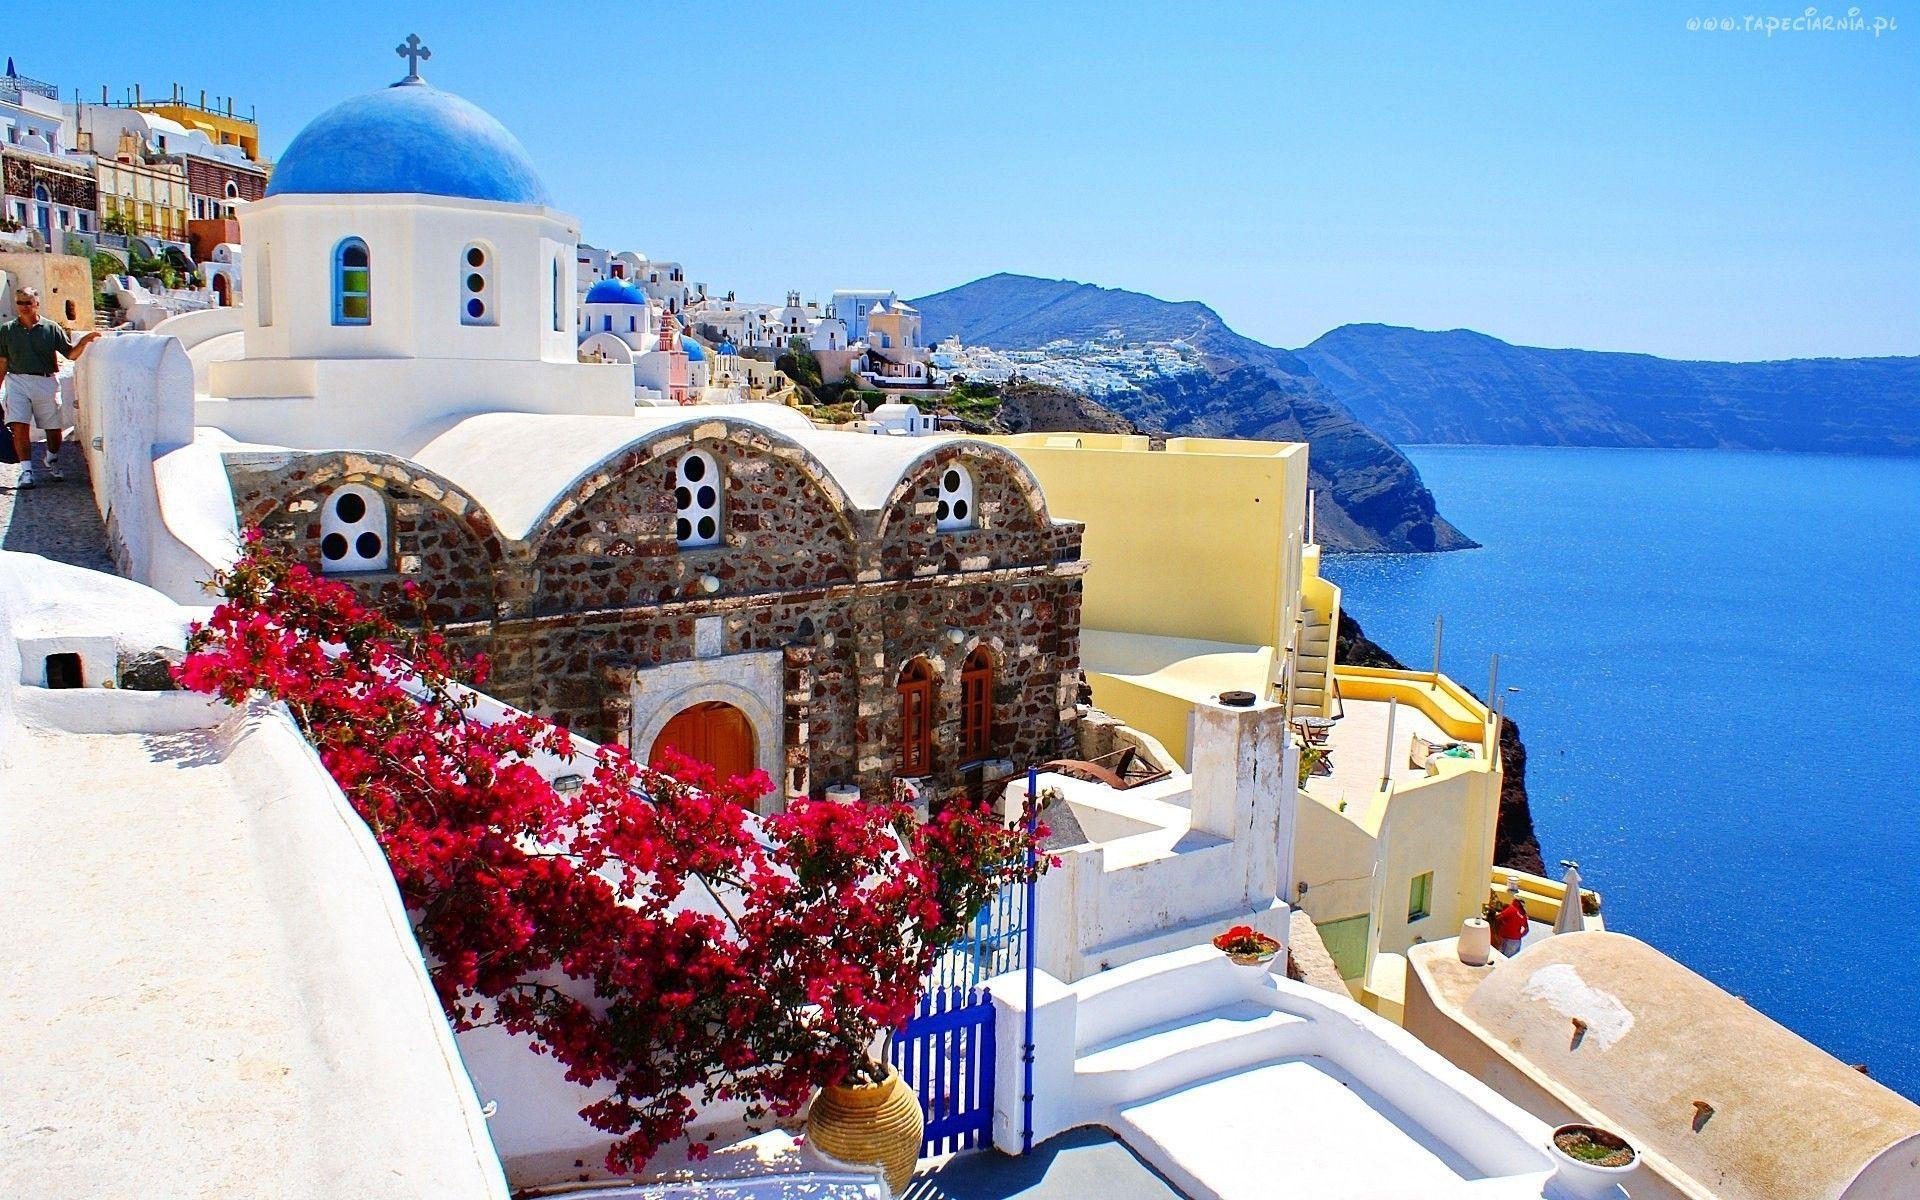 ¿La costa de qué país se caracteriza por sus casas con elementos azules?